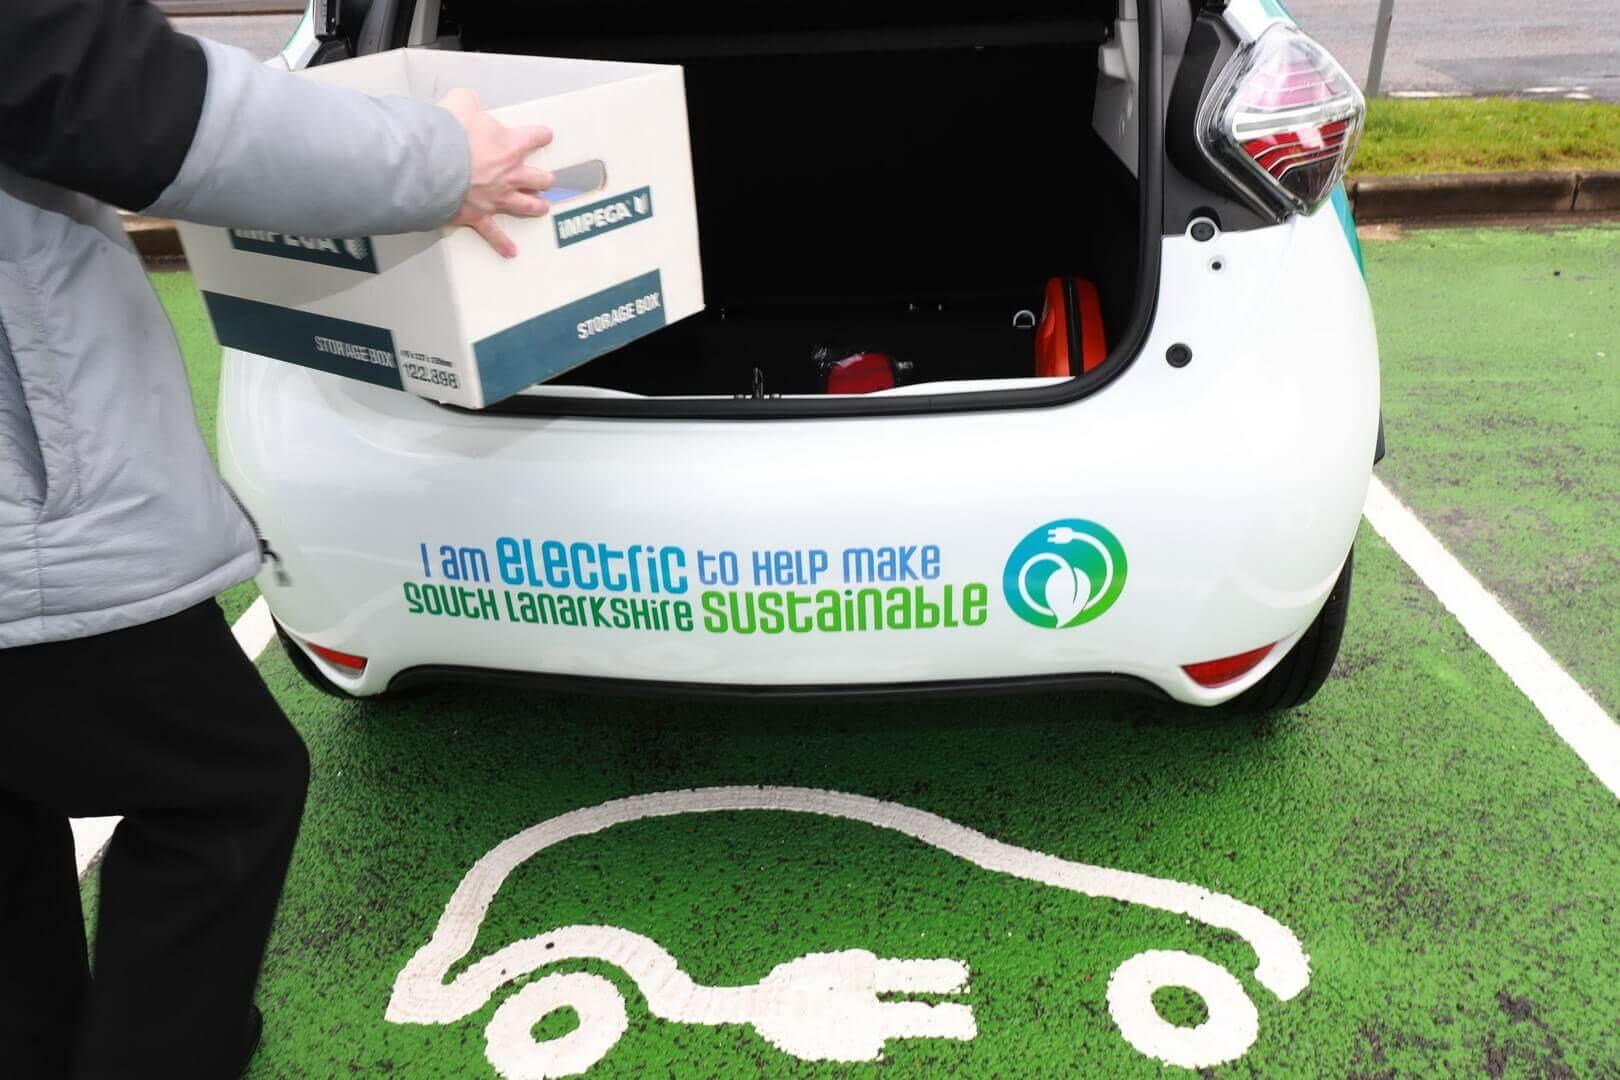 Совет Южного Ланаркшира в Шотландии заказал более 140 электромобилей Renault ZOE